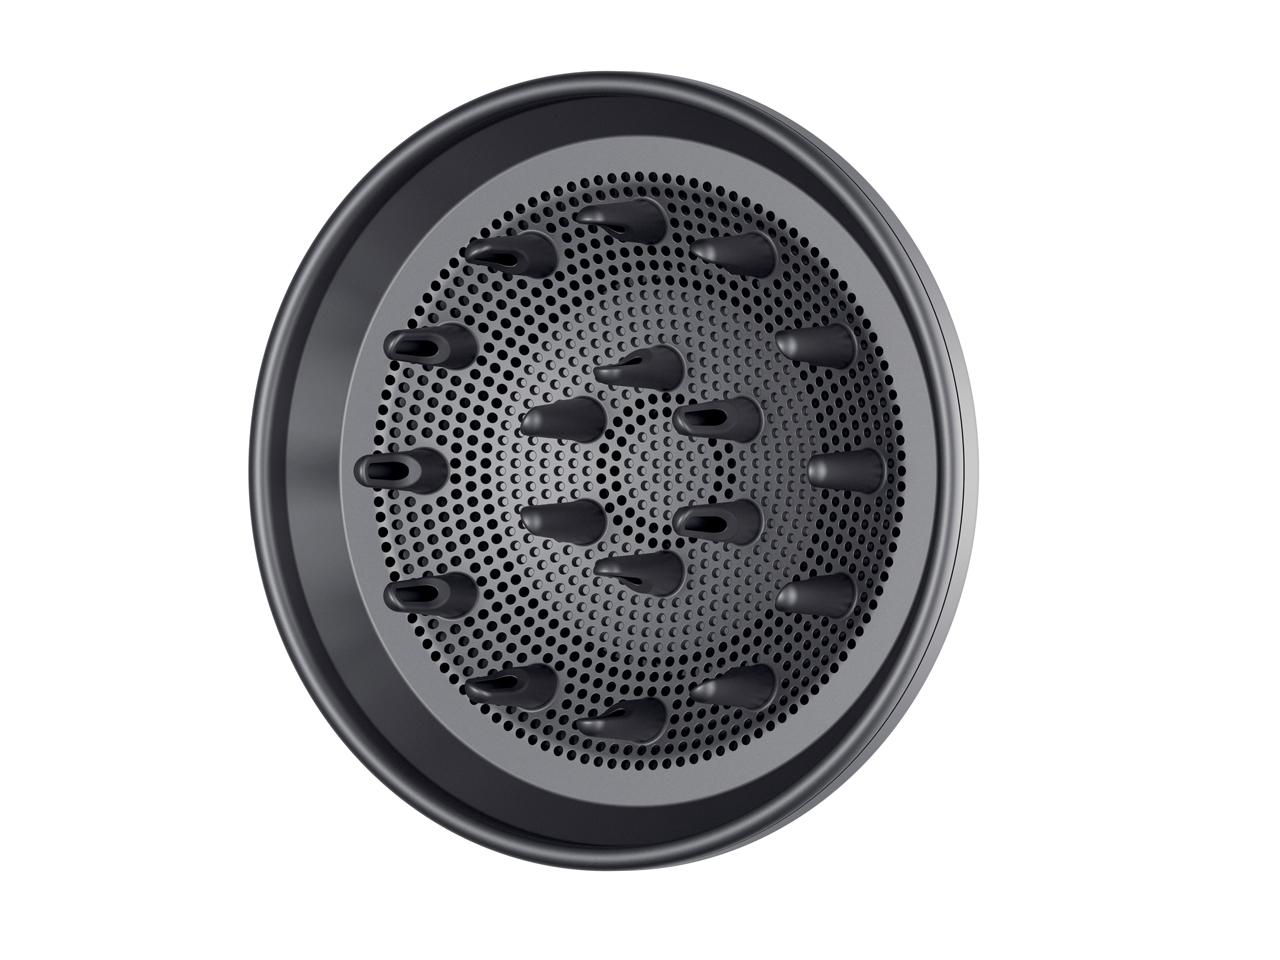 『付属品1』 Dyson Supersonic Ionic HD01 ULF IIB [アイアン/ブルー] の製品画像